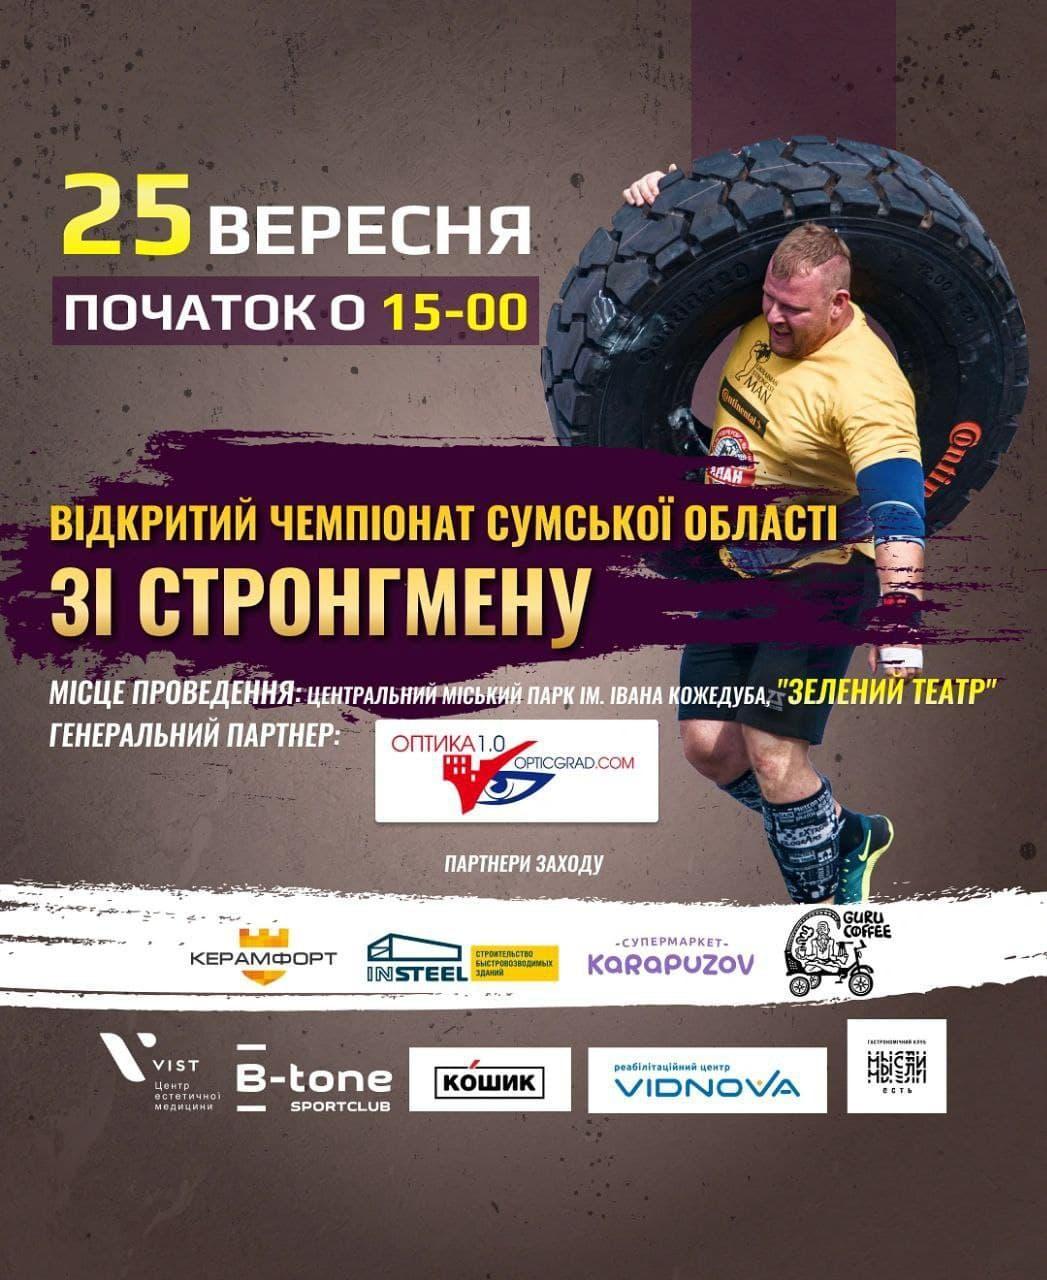 Чемпіонат області зі Стронгмену!